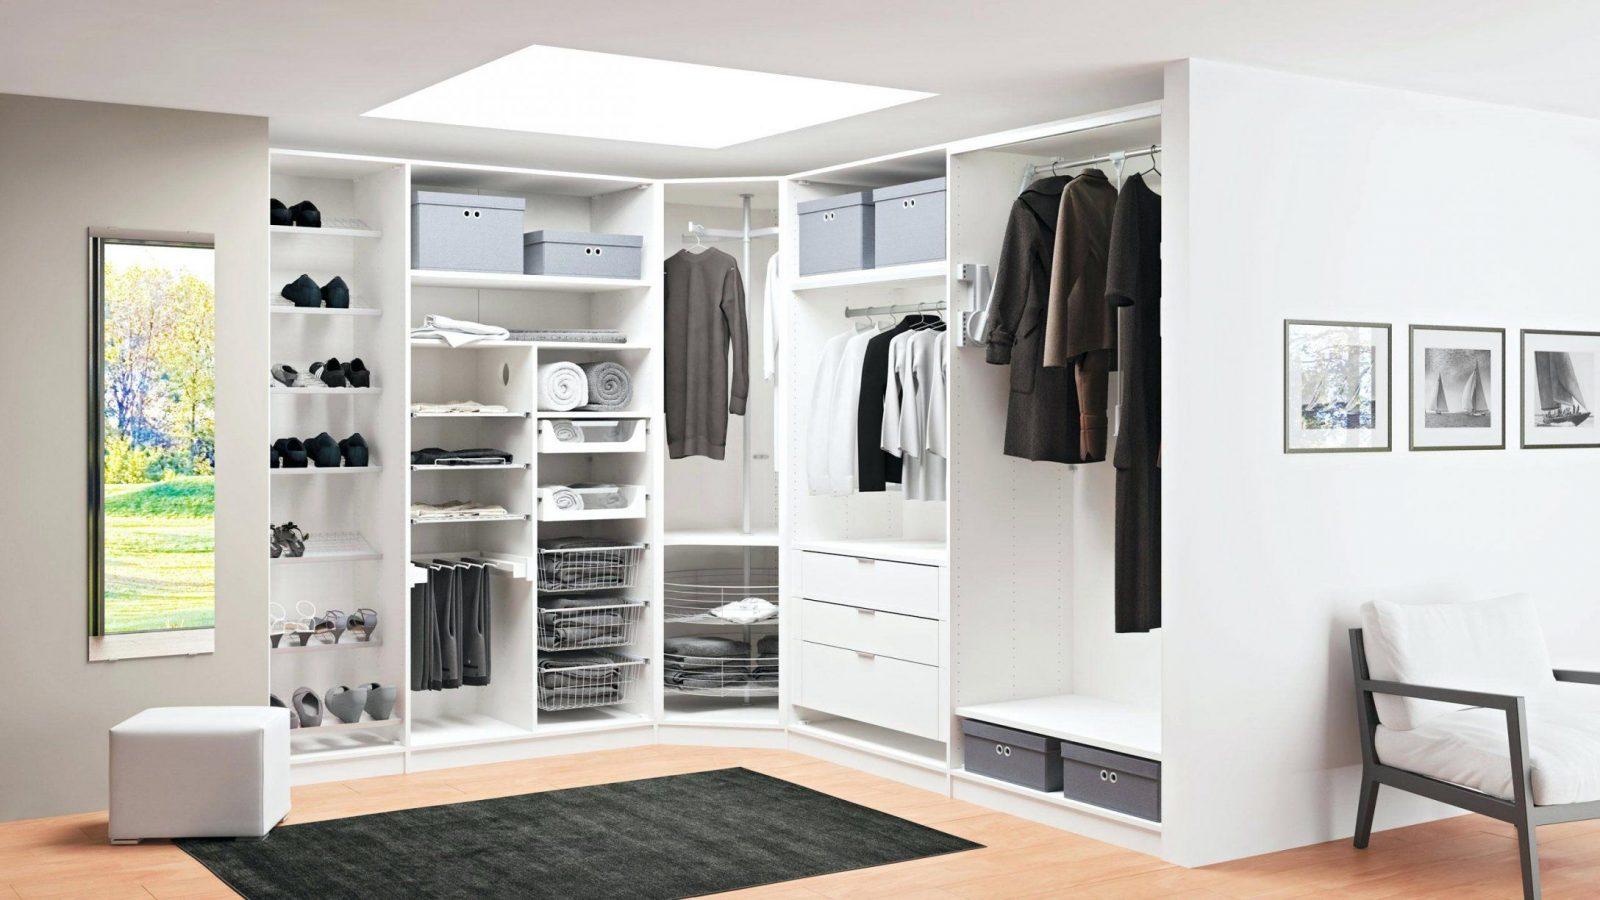 Schrank Selbst Gestalten Kleiderschrank Selber Bauen Die 25 Besten von Ikea Schrank Selber Planen Bild